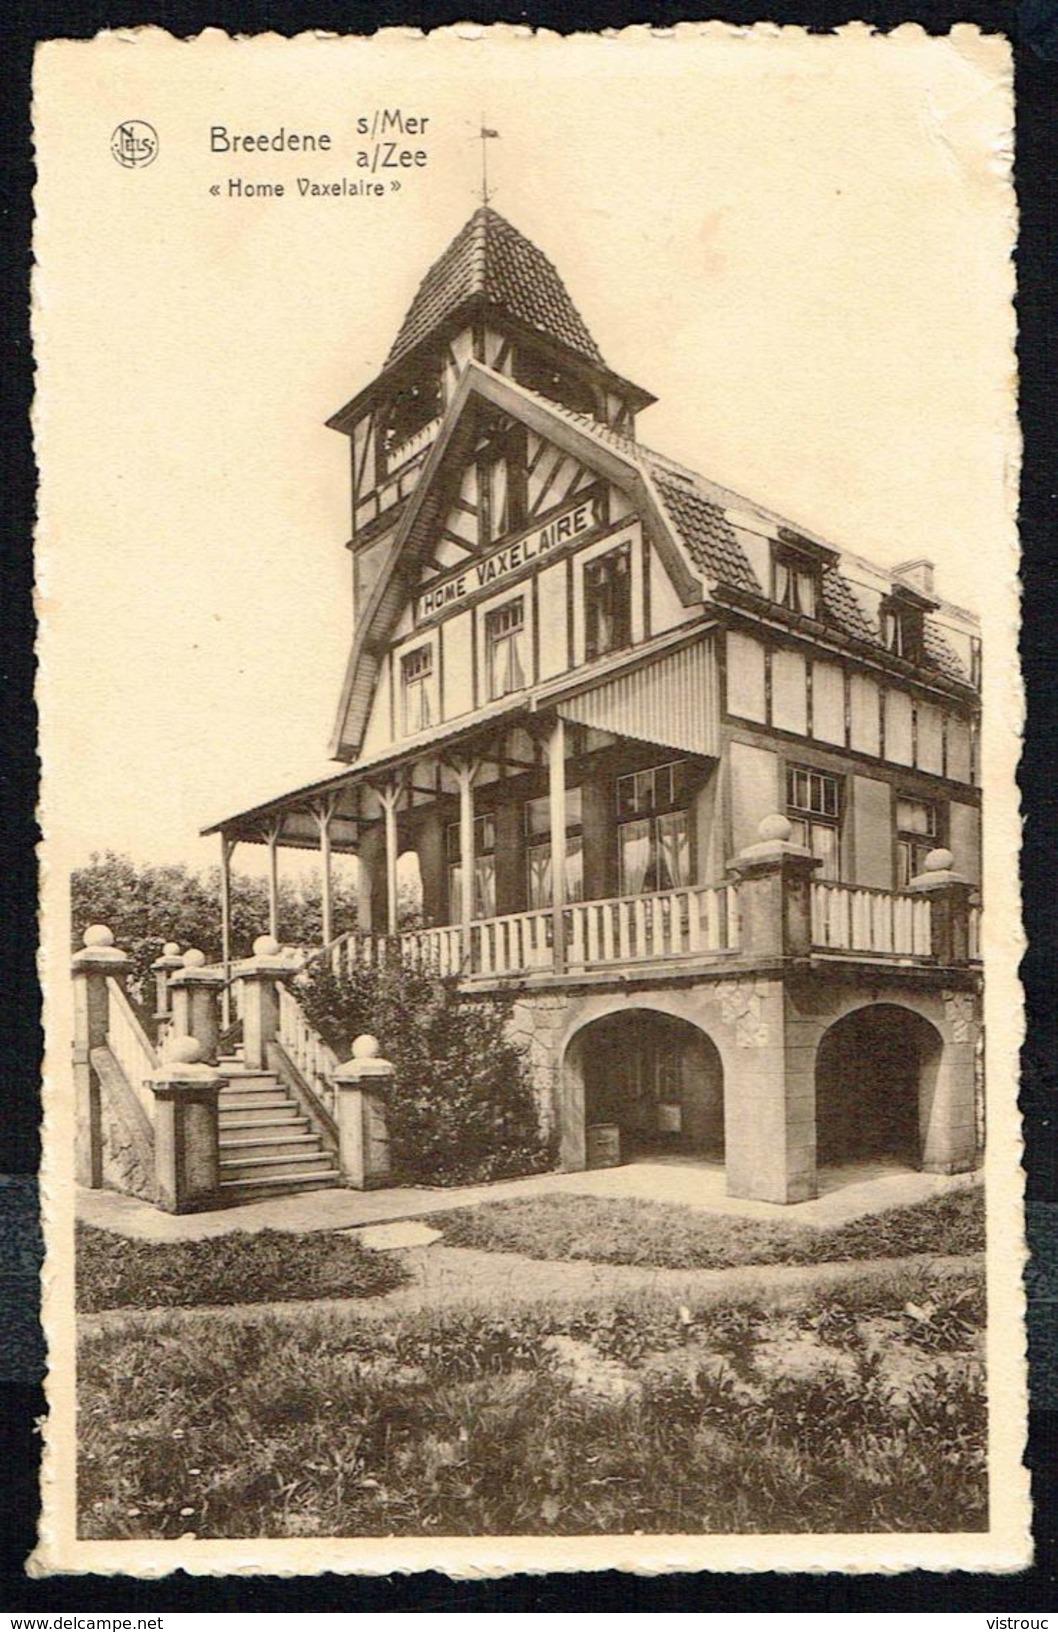 BREDENE / BREDUNES - Home VAXELAIRE - Circulé - Circulated - Gelaufen - 1951. - Bredene